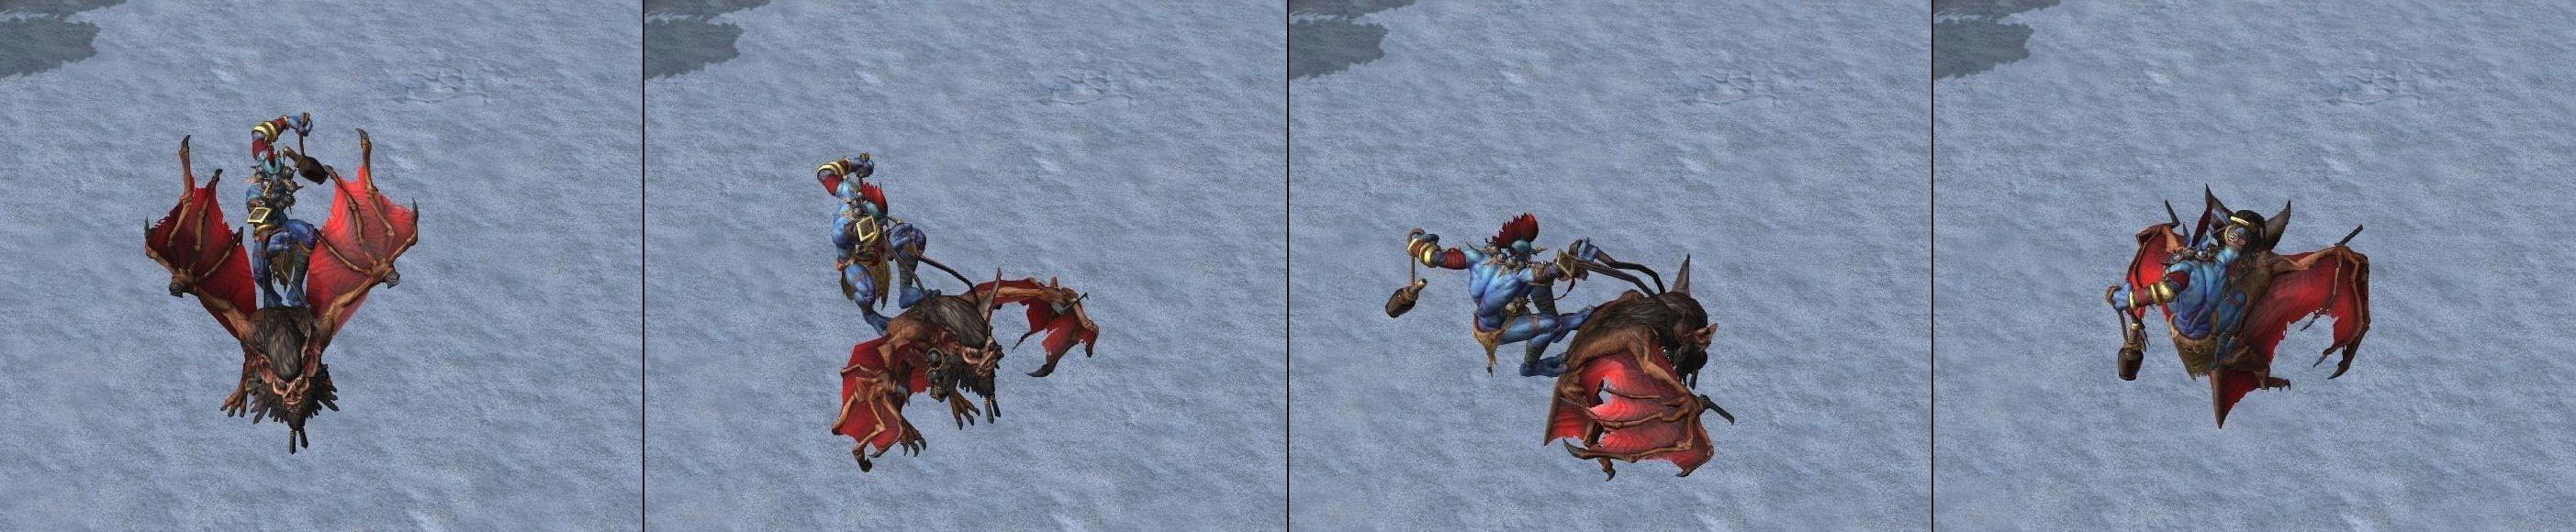 Warcraft III Reforged : Troll Batrider